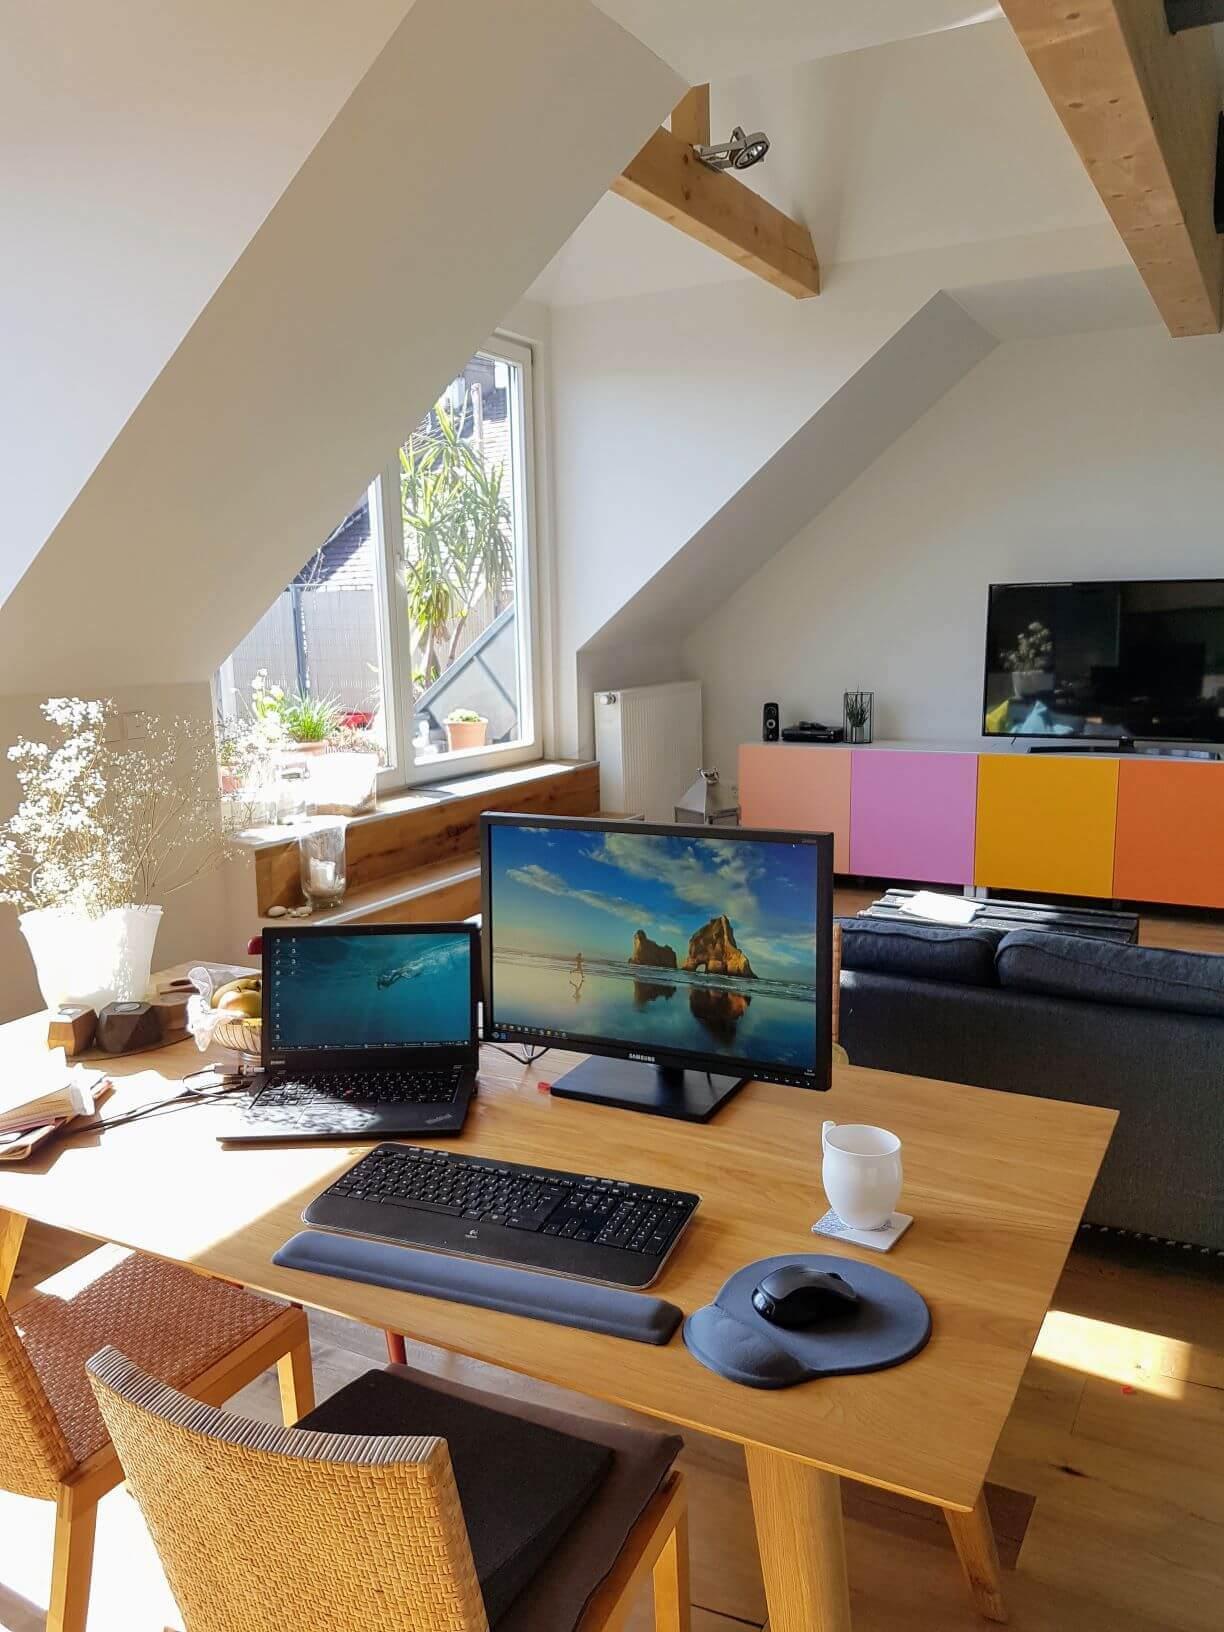 Home Office. Tisch mit Stühlen, auf dem Bildschirm und Laptop mit Tastatur und Maus stehen.